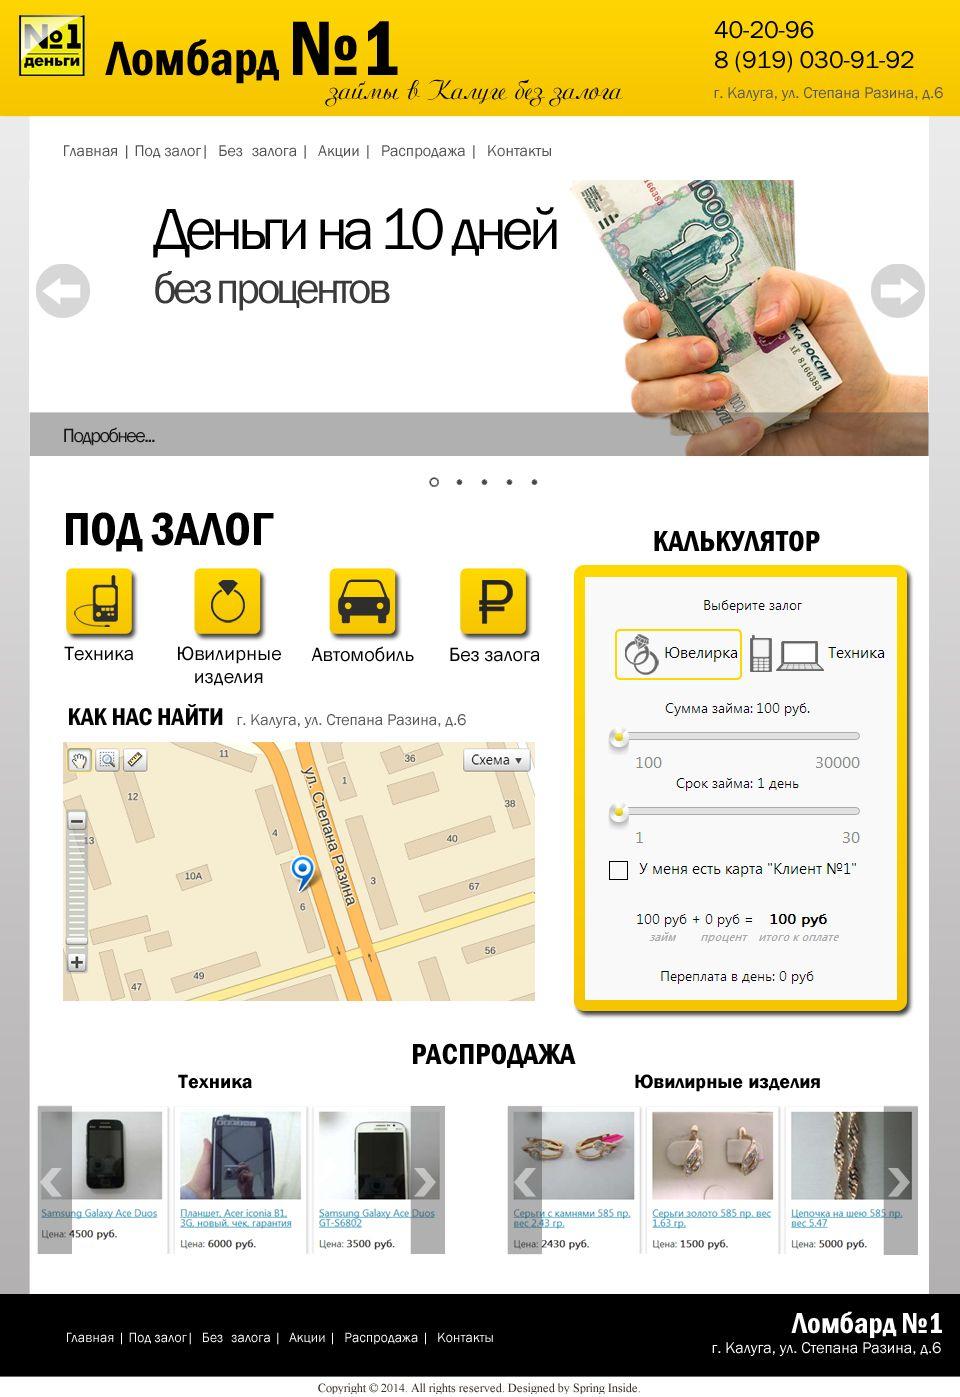 Дизайн главной страницы сайта Ломбард №1 - дизайнер SpringInside